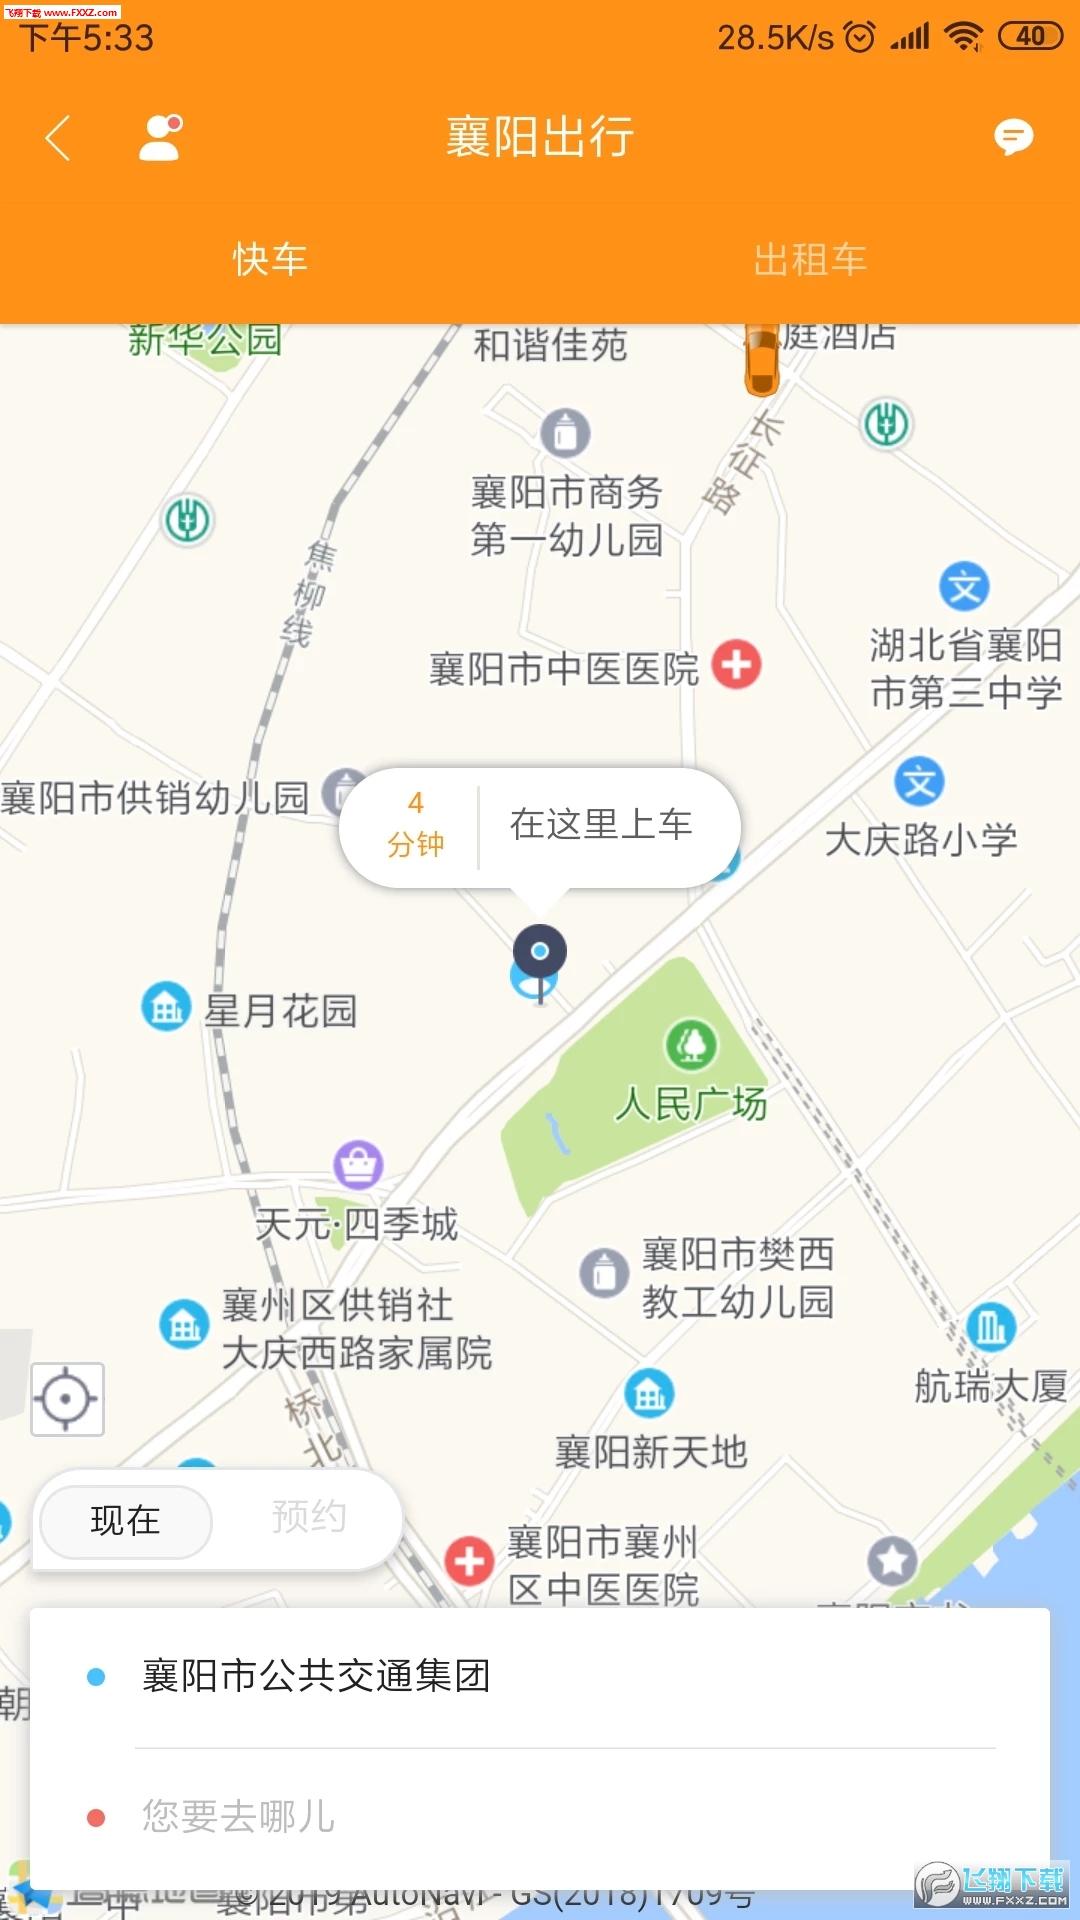 襄阳出行app官方版3.7.4截图1